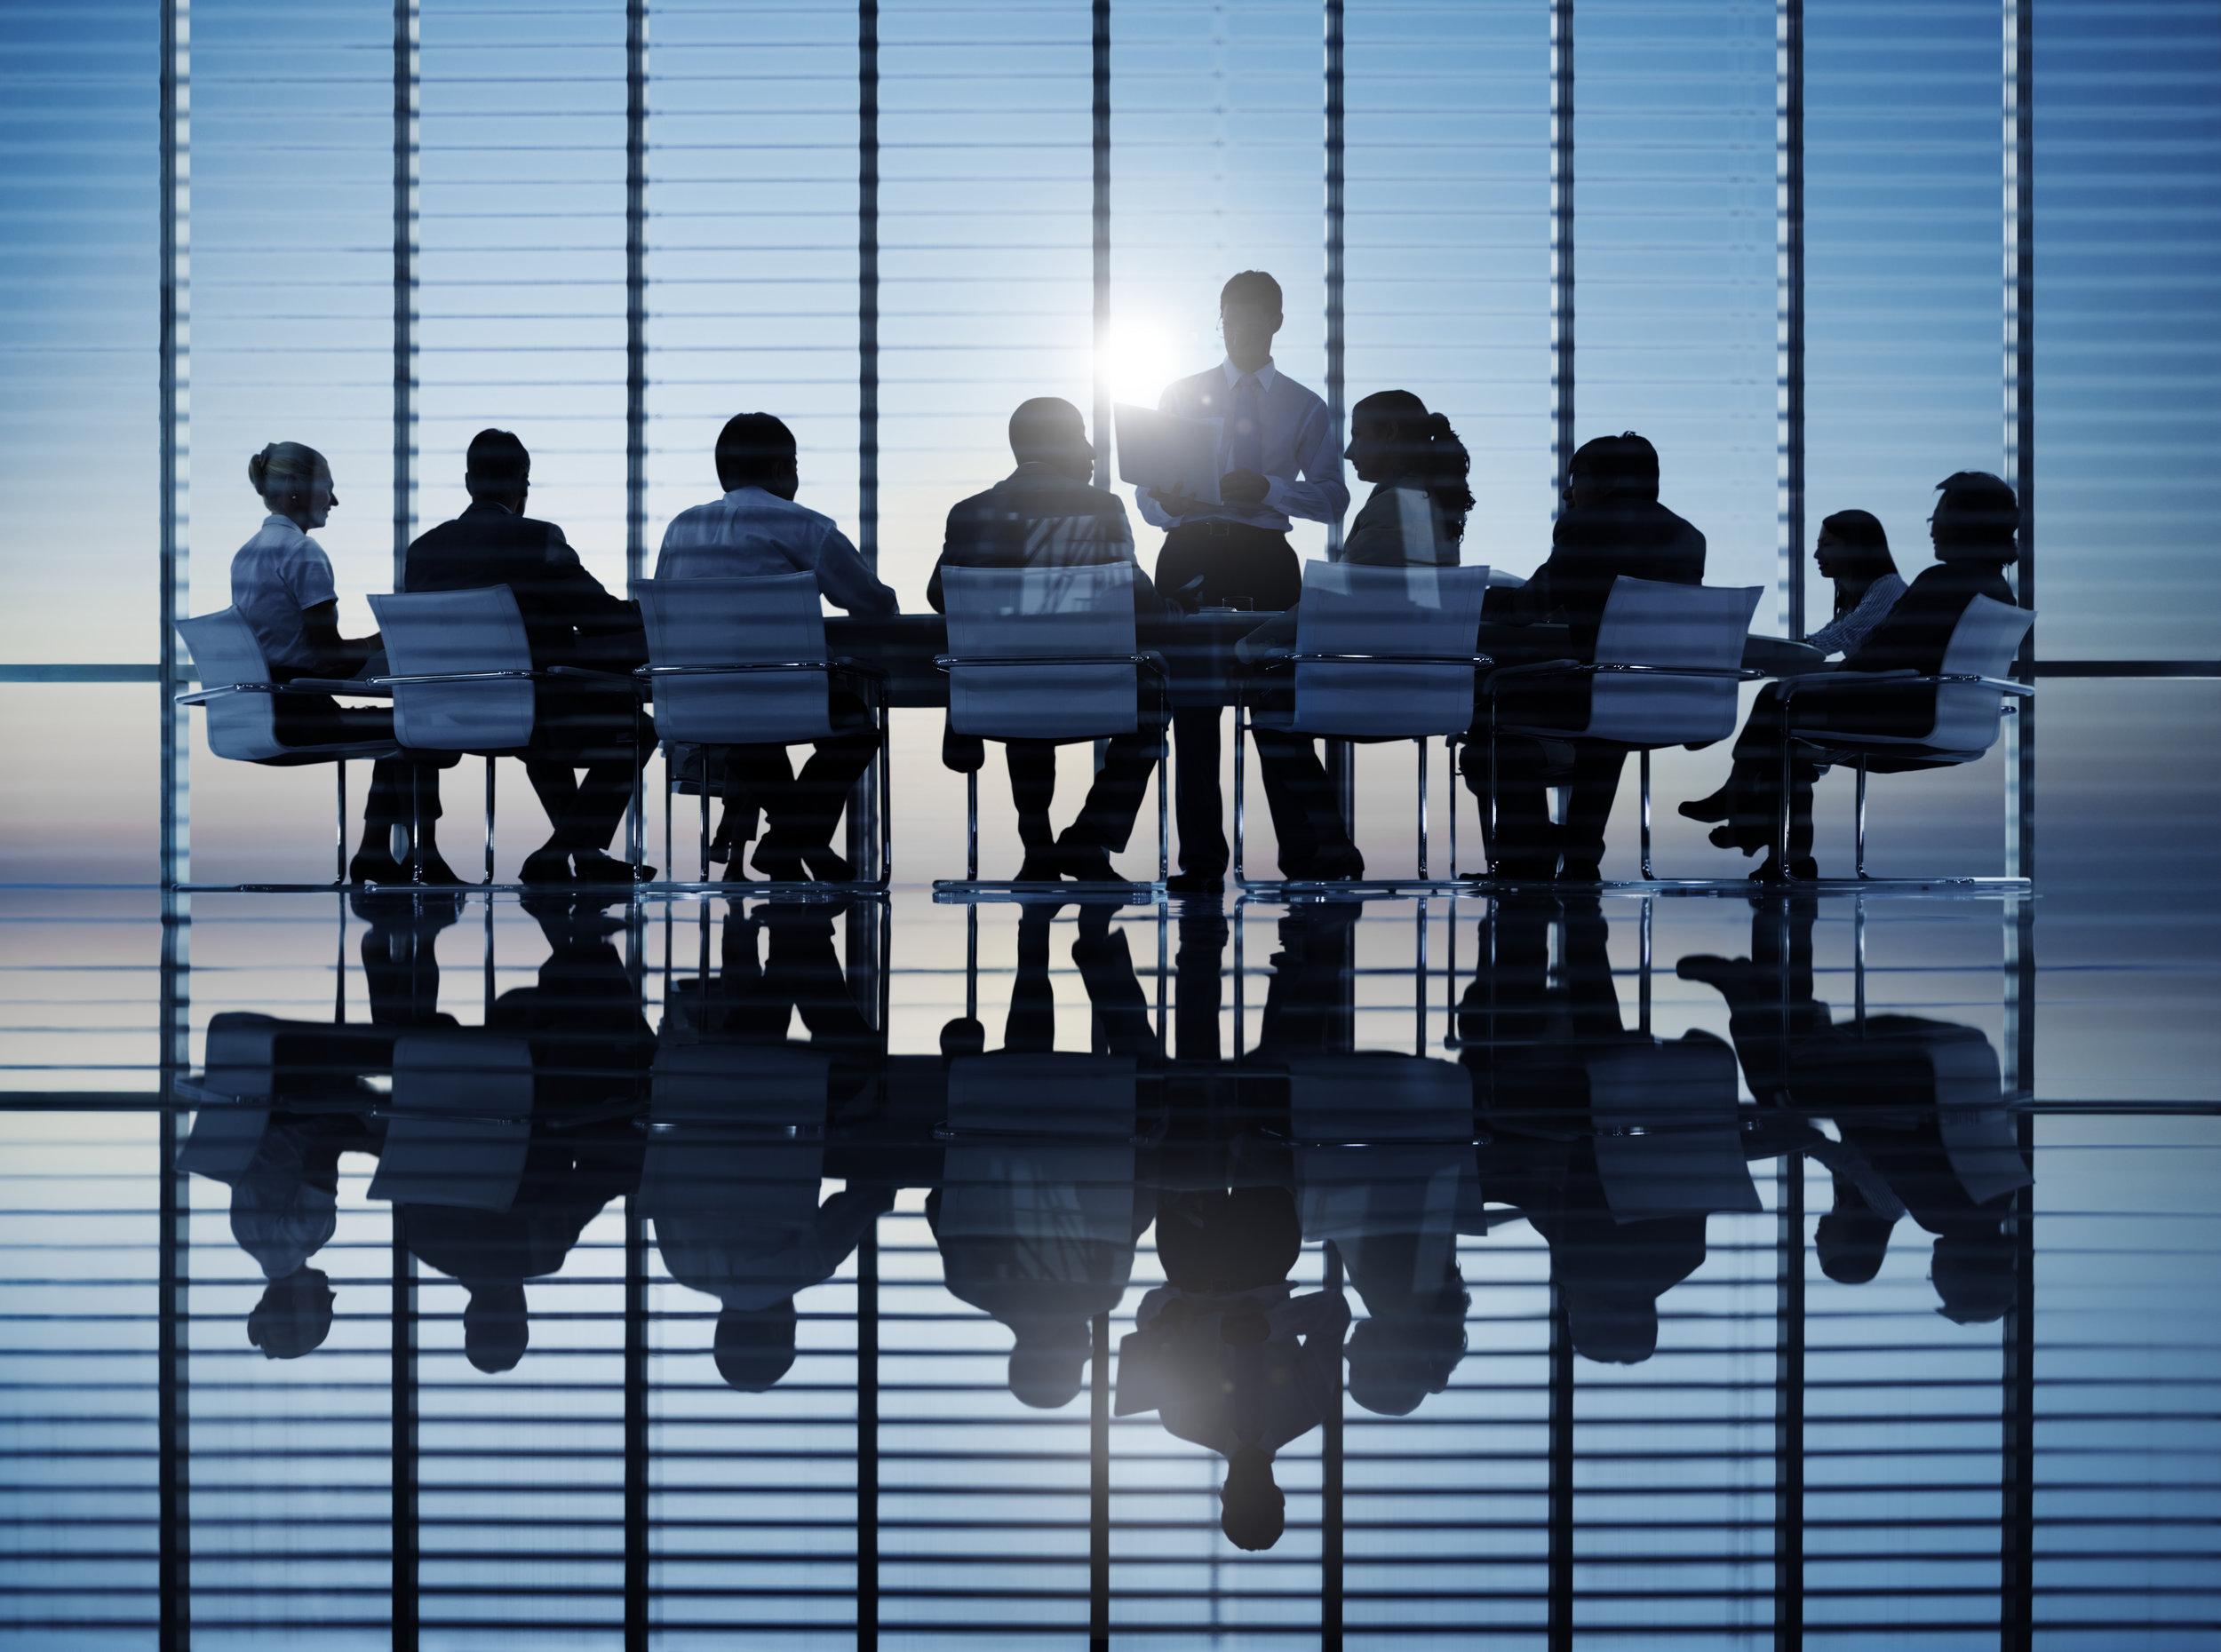 bigstock-Business-people-in-a-board-roo-209994802.jpg